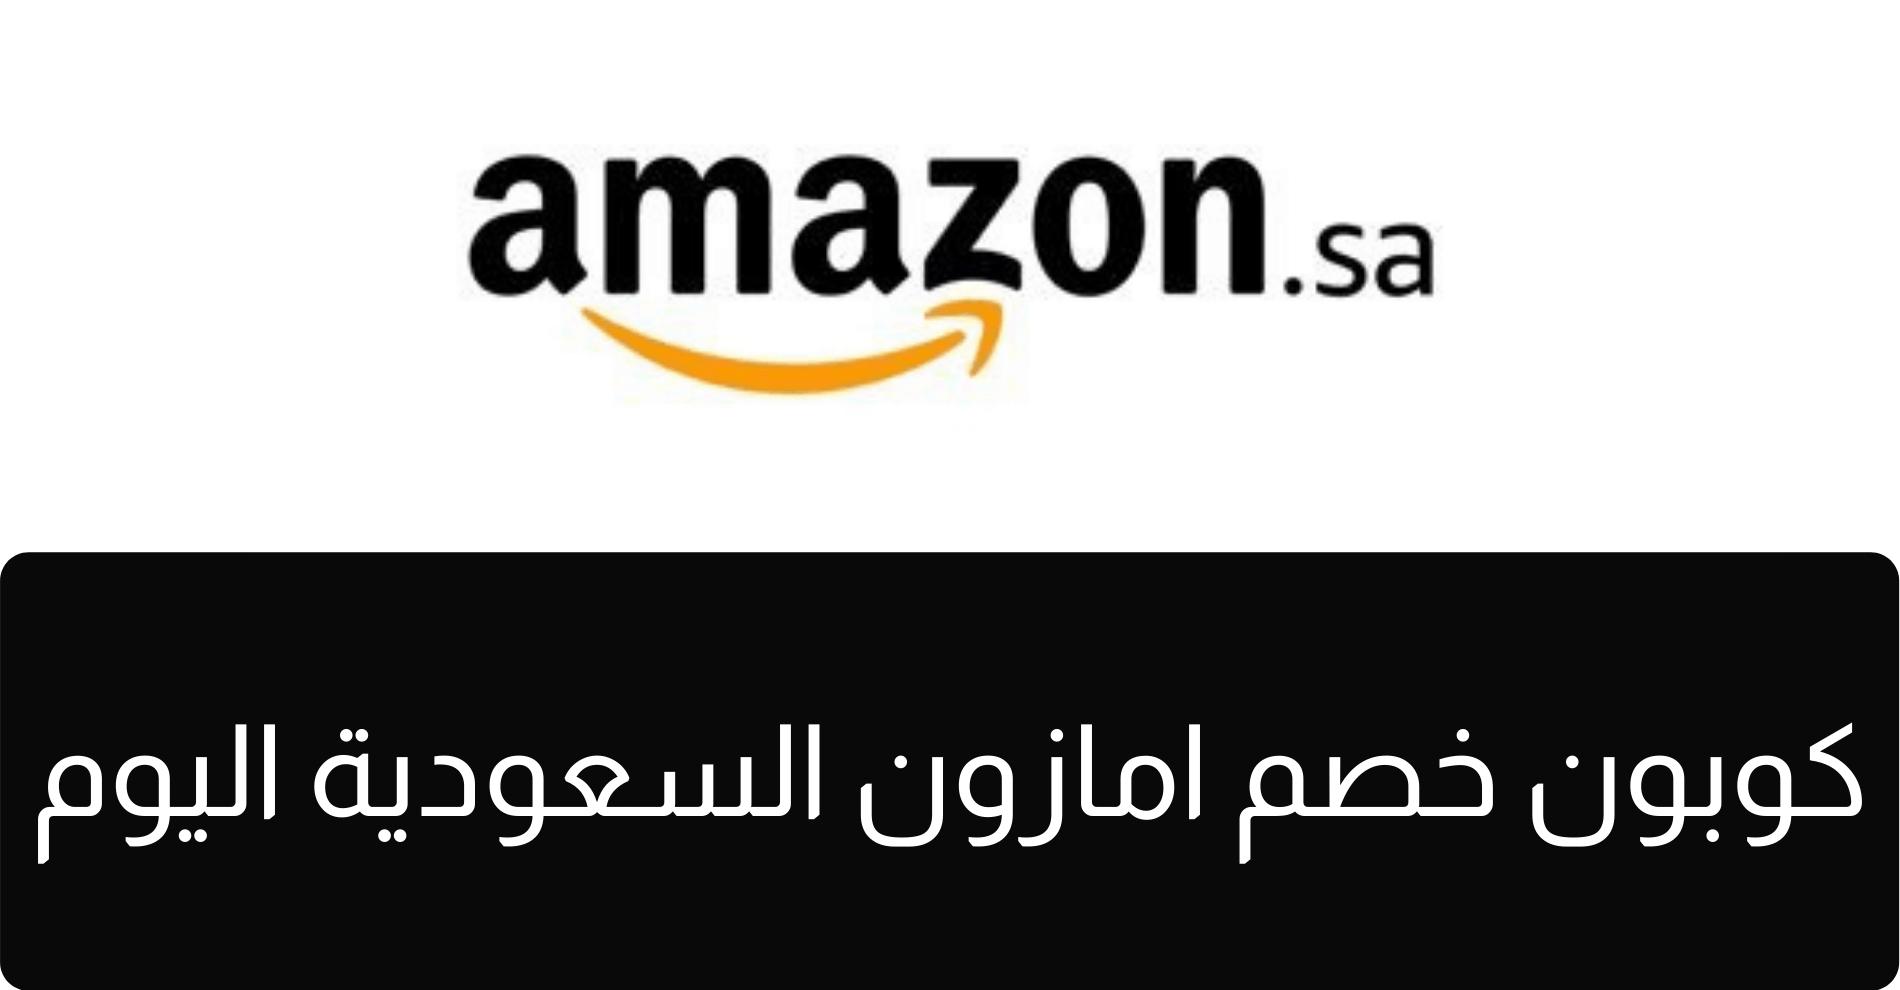 """كوبون خصم امازون السعودية اليوم """"متجدد بإستمرار"""" - دليل ..."""